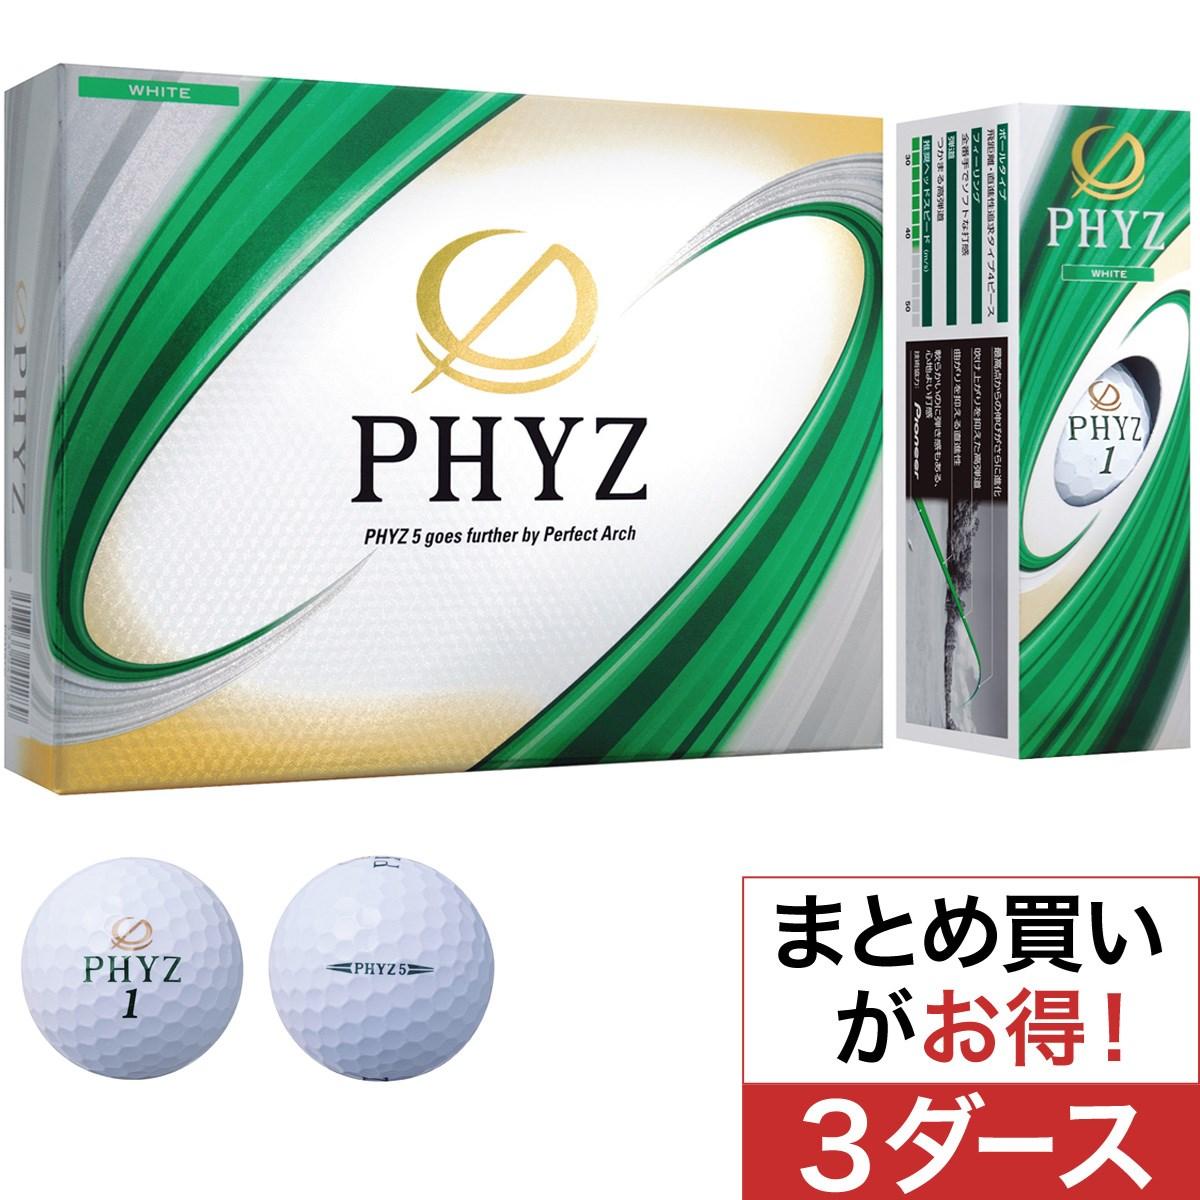 ブリヂストン(BRIDGESTONE GOLF) PHYZ ボール 3ダースセット